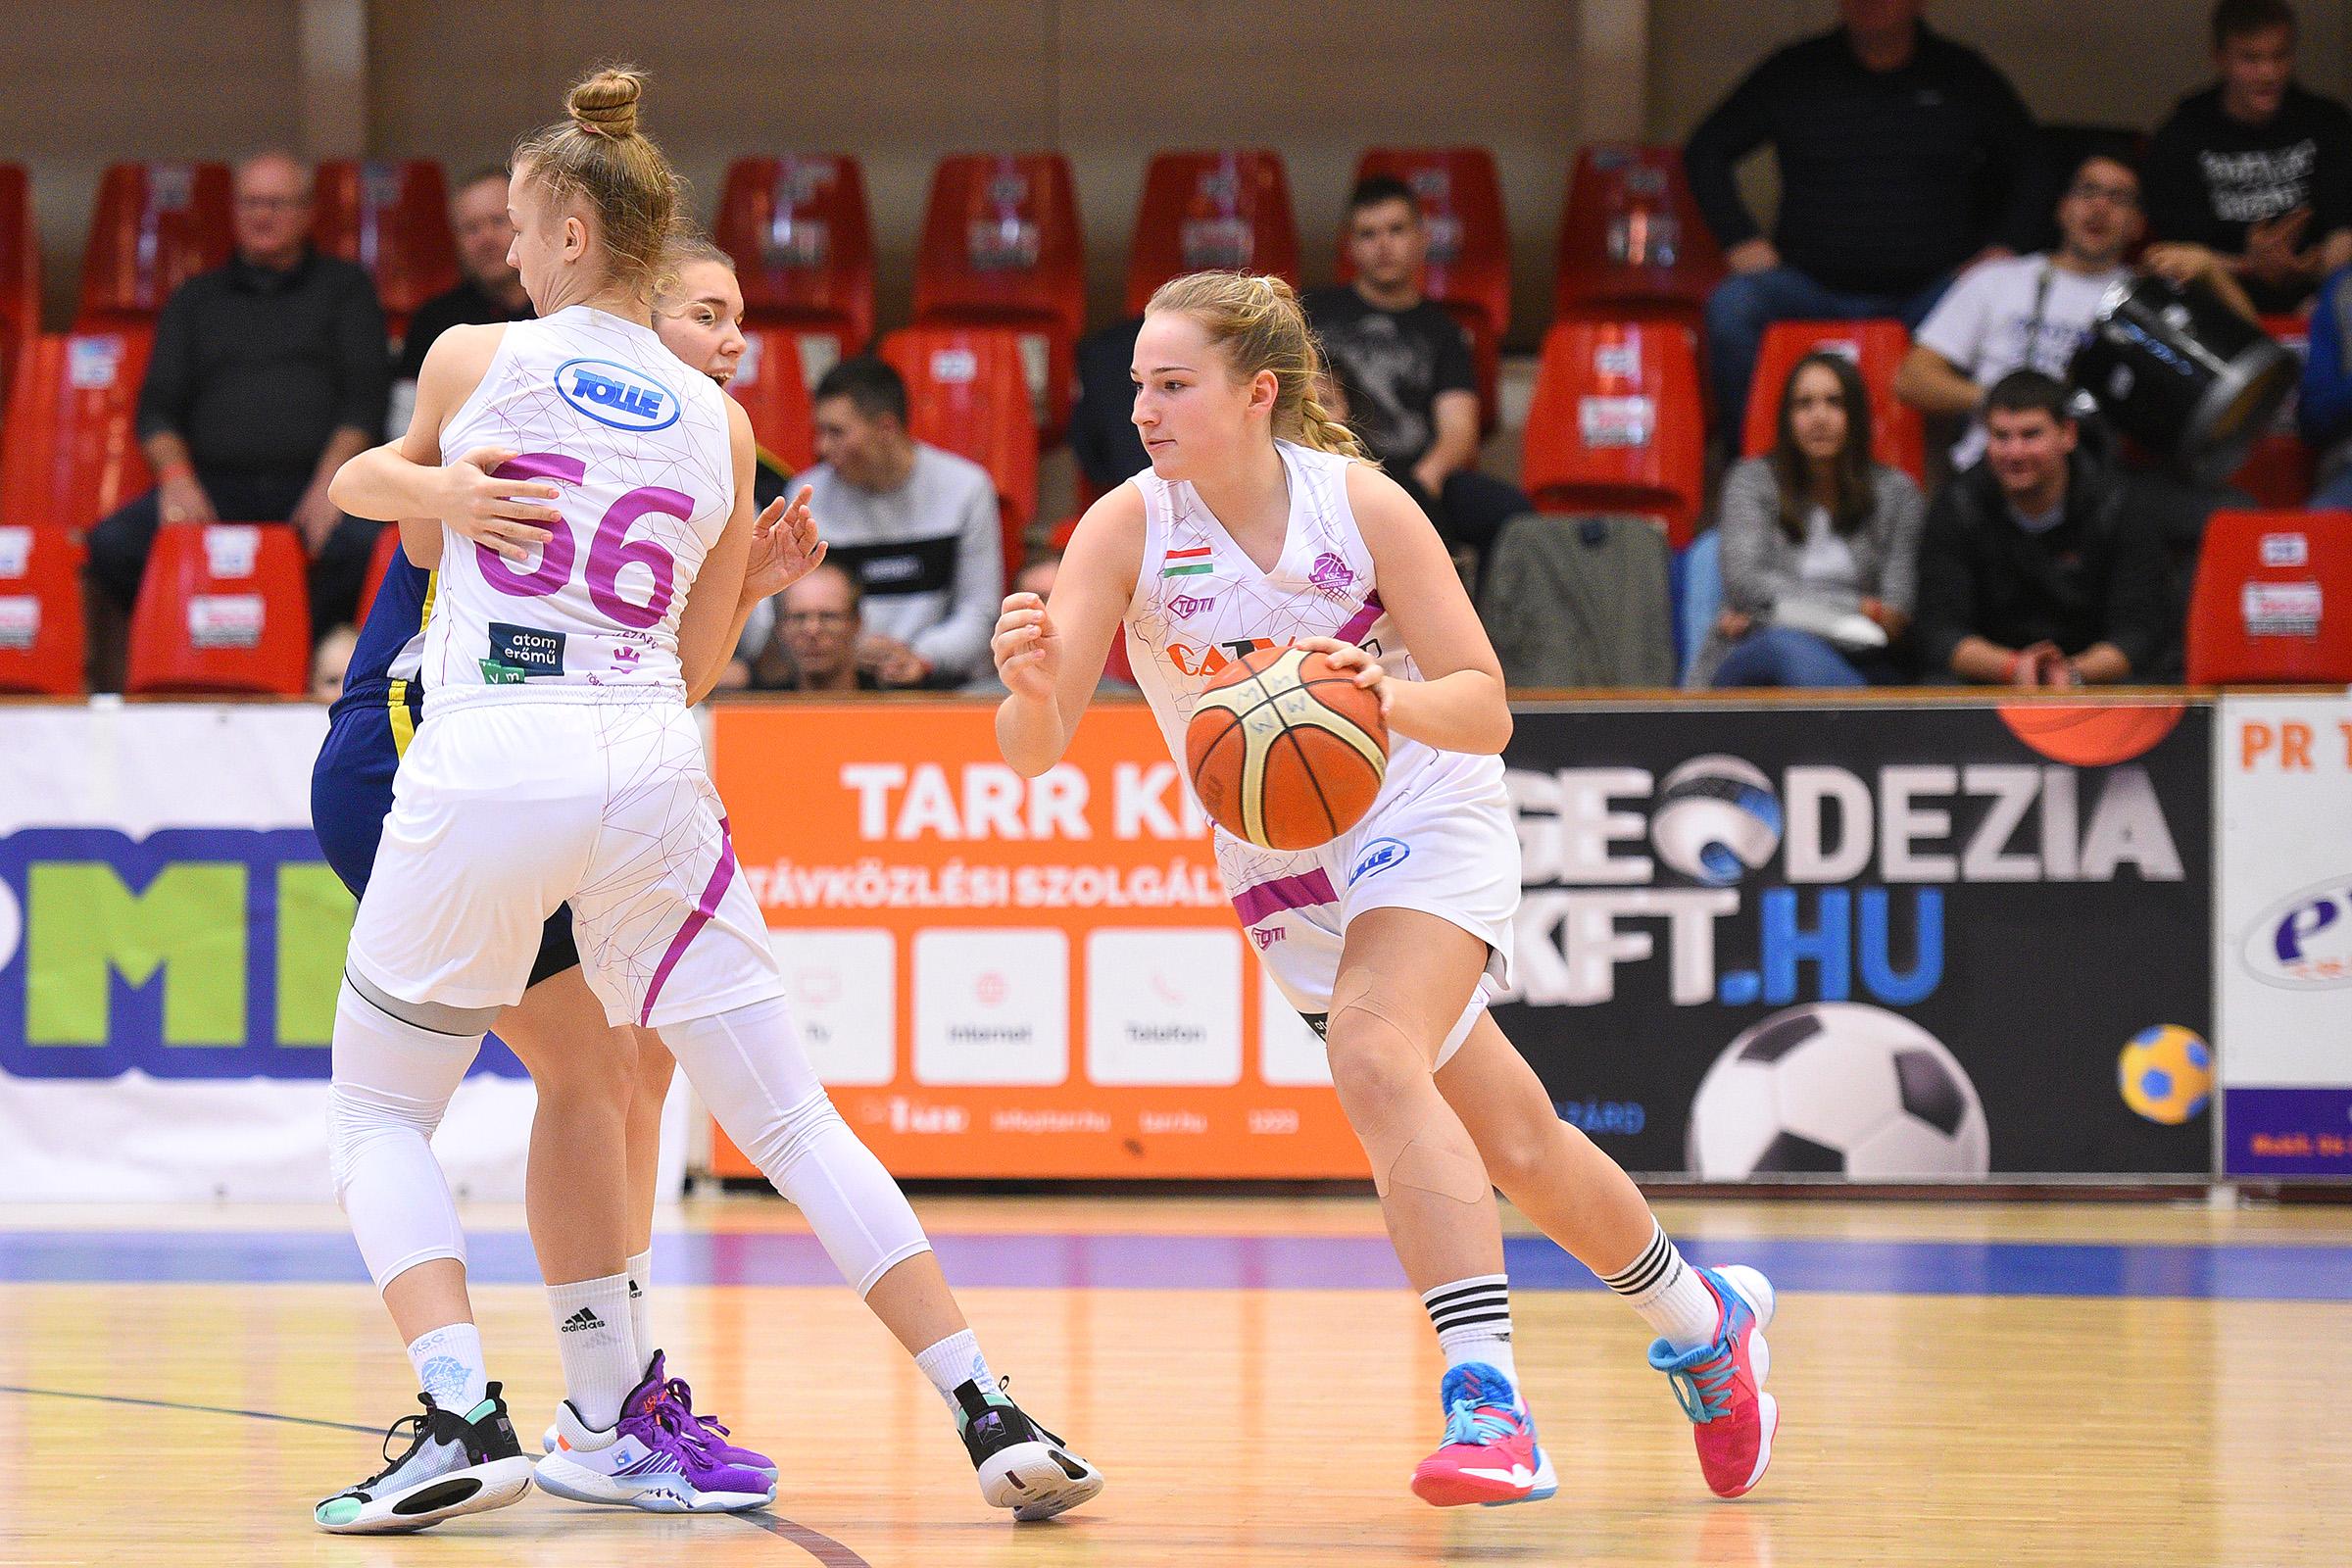 Női Amatőr NB: Nehezen, de Sopronban is nyert a BKG